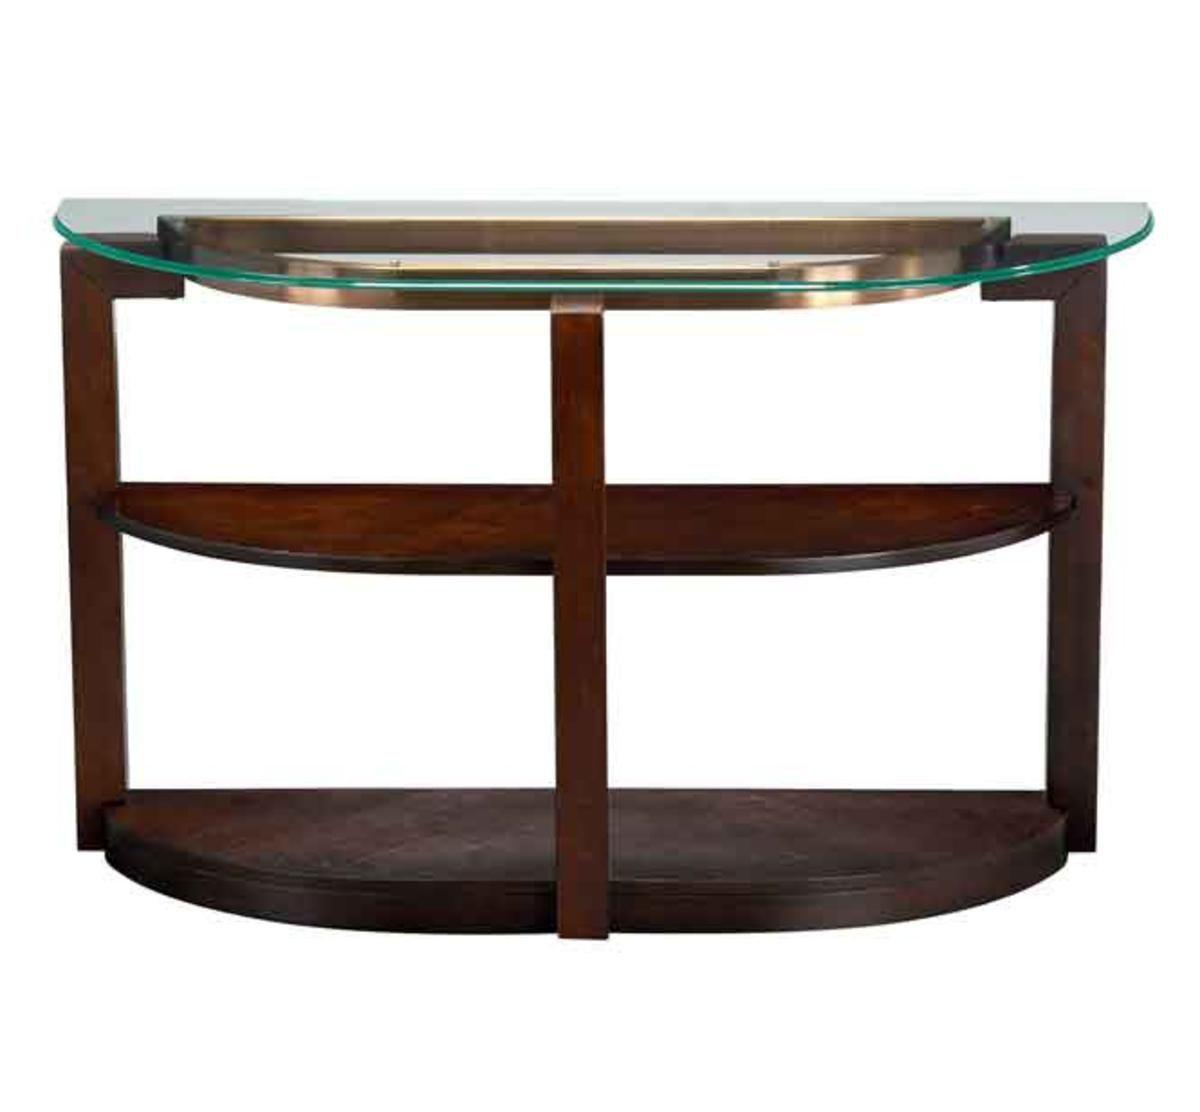 Picture of CORONADO II CONSOLE TABLE